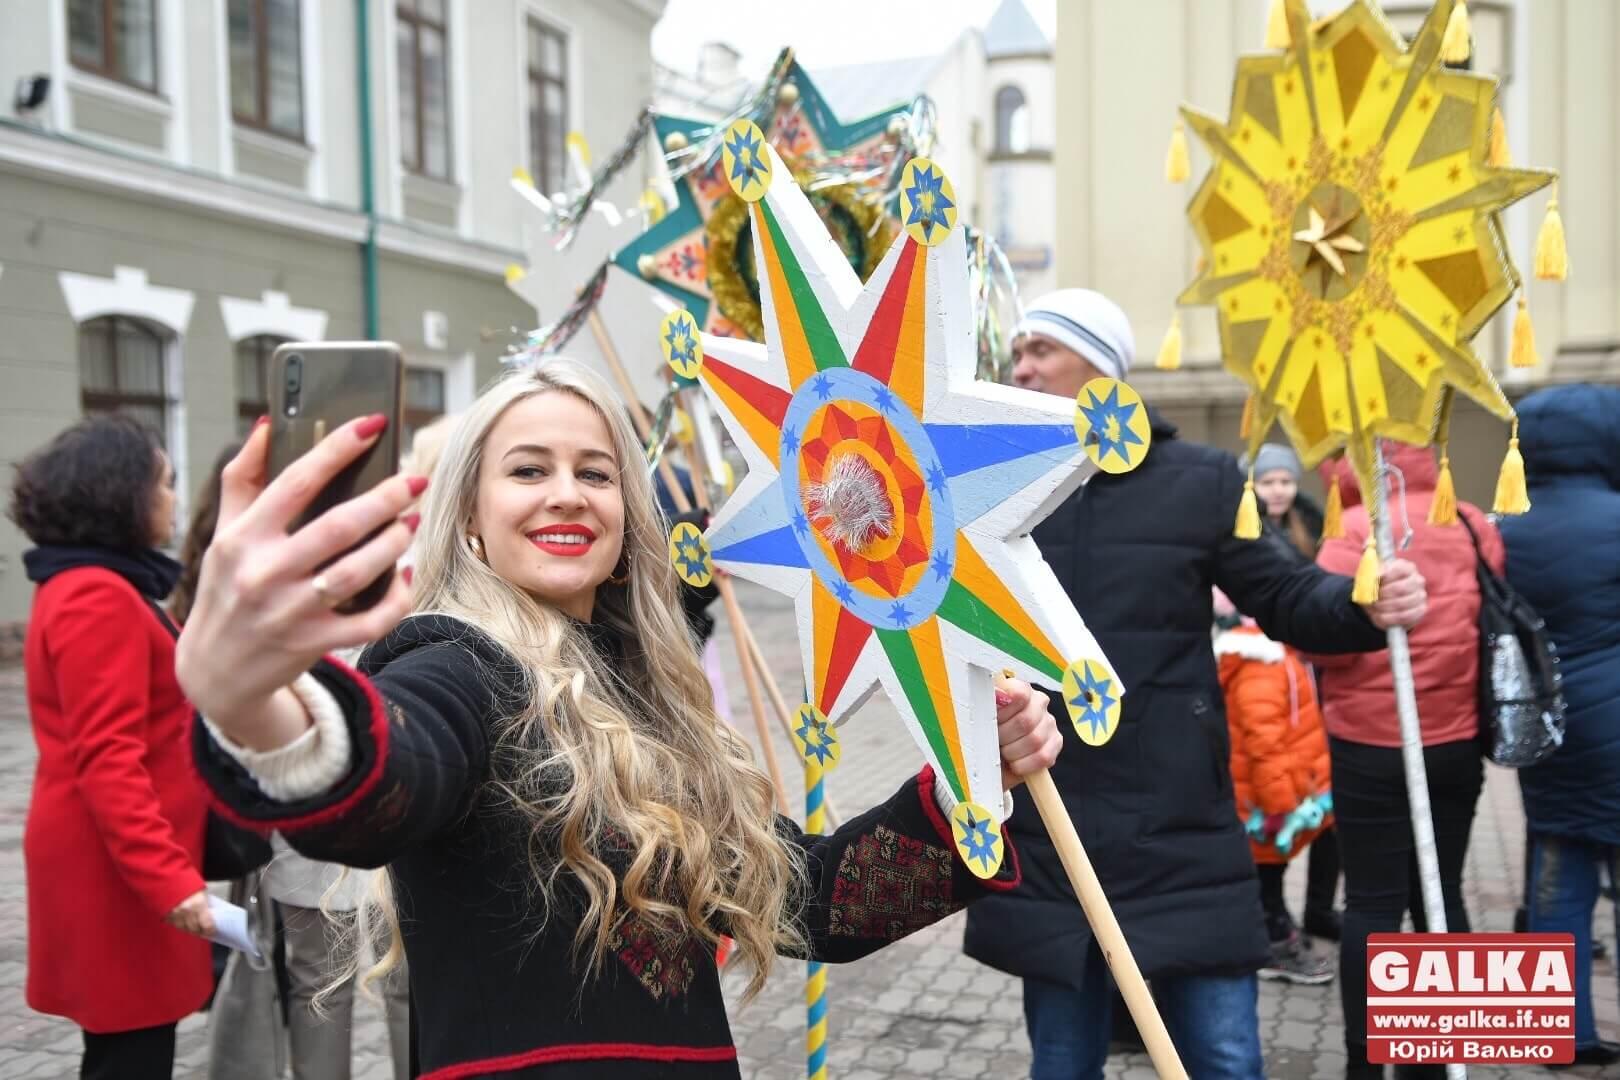 Рекорд України: Івано-Франківськом пройшла масова хода з різдвяними зірками (ФОТО, ВІДЕО)